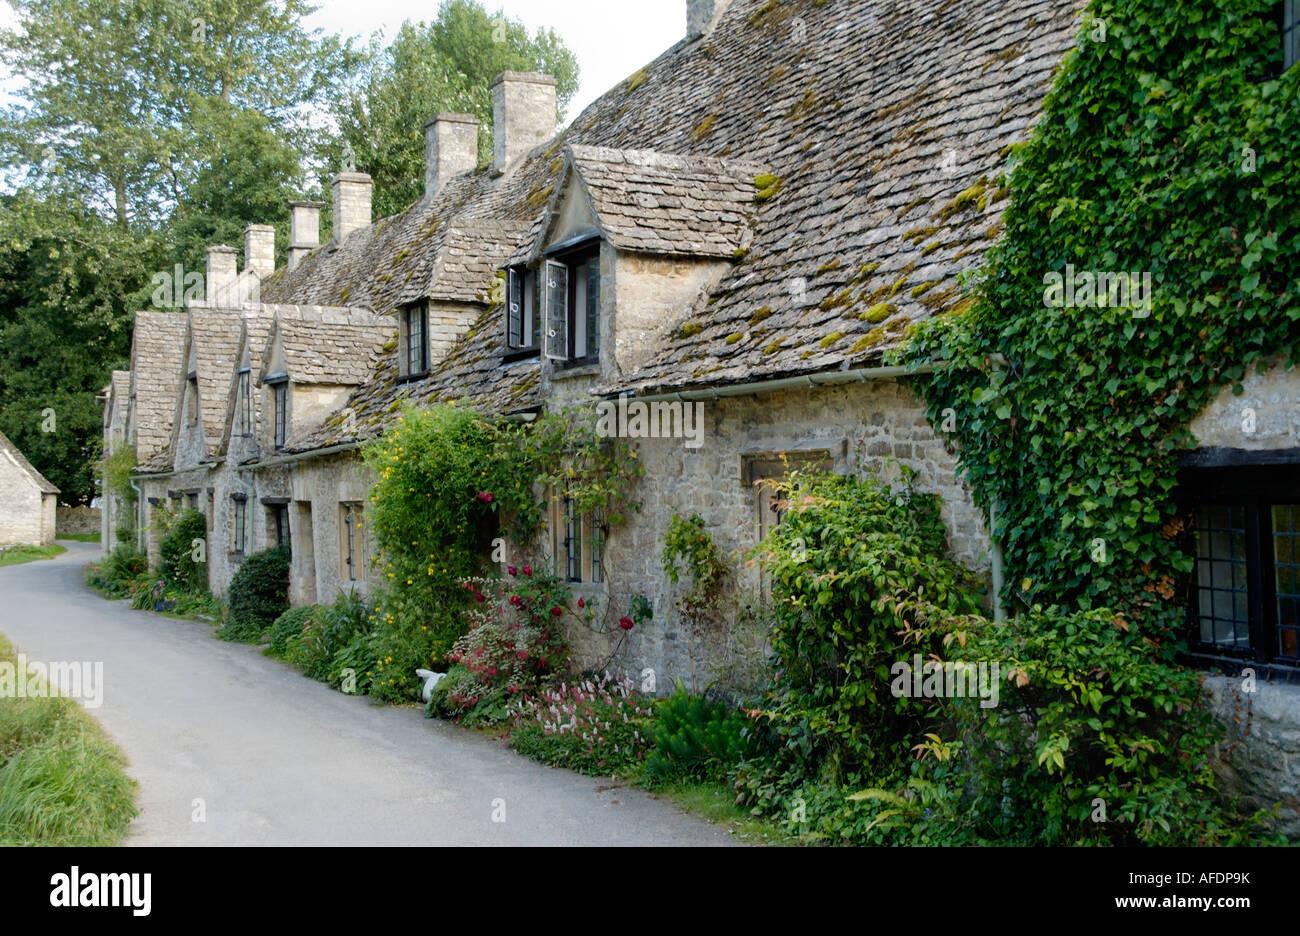 Arlington Row Bibury Cotswolds Gloucestershire England Uk